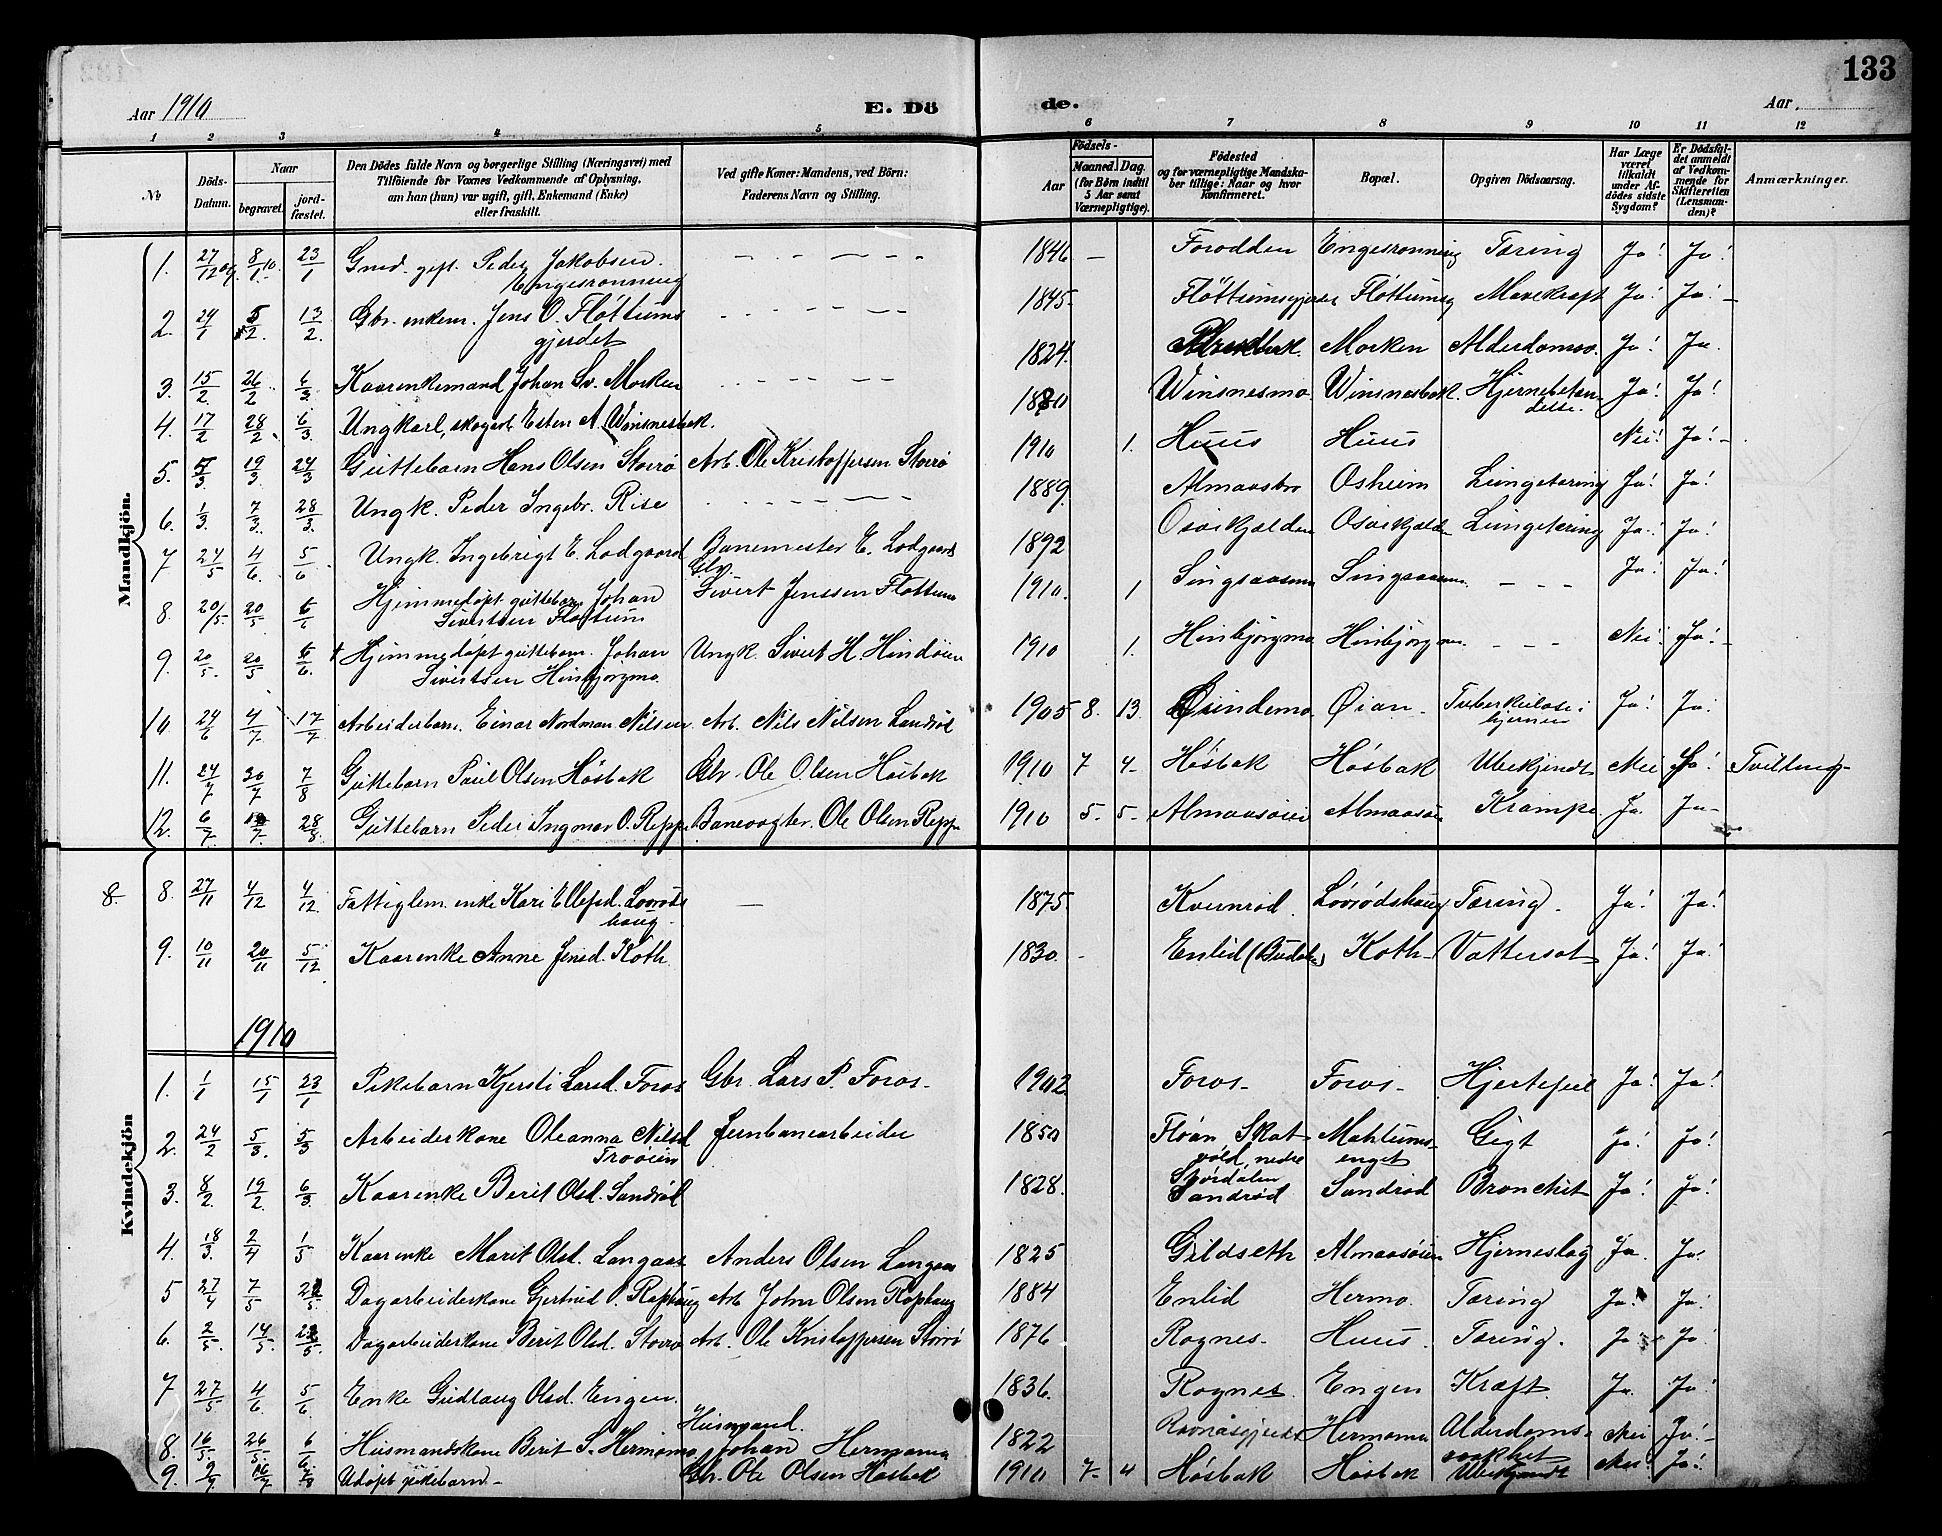 SAT, Ministerialprotokoller, klokkerbøker og fødselsregistre - Sør-Trøndelag, 688/L1029: Klokkerbok nr. 688C04, 1899-1915, s. 133